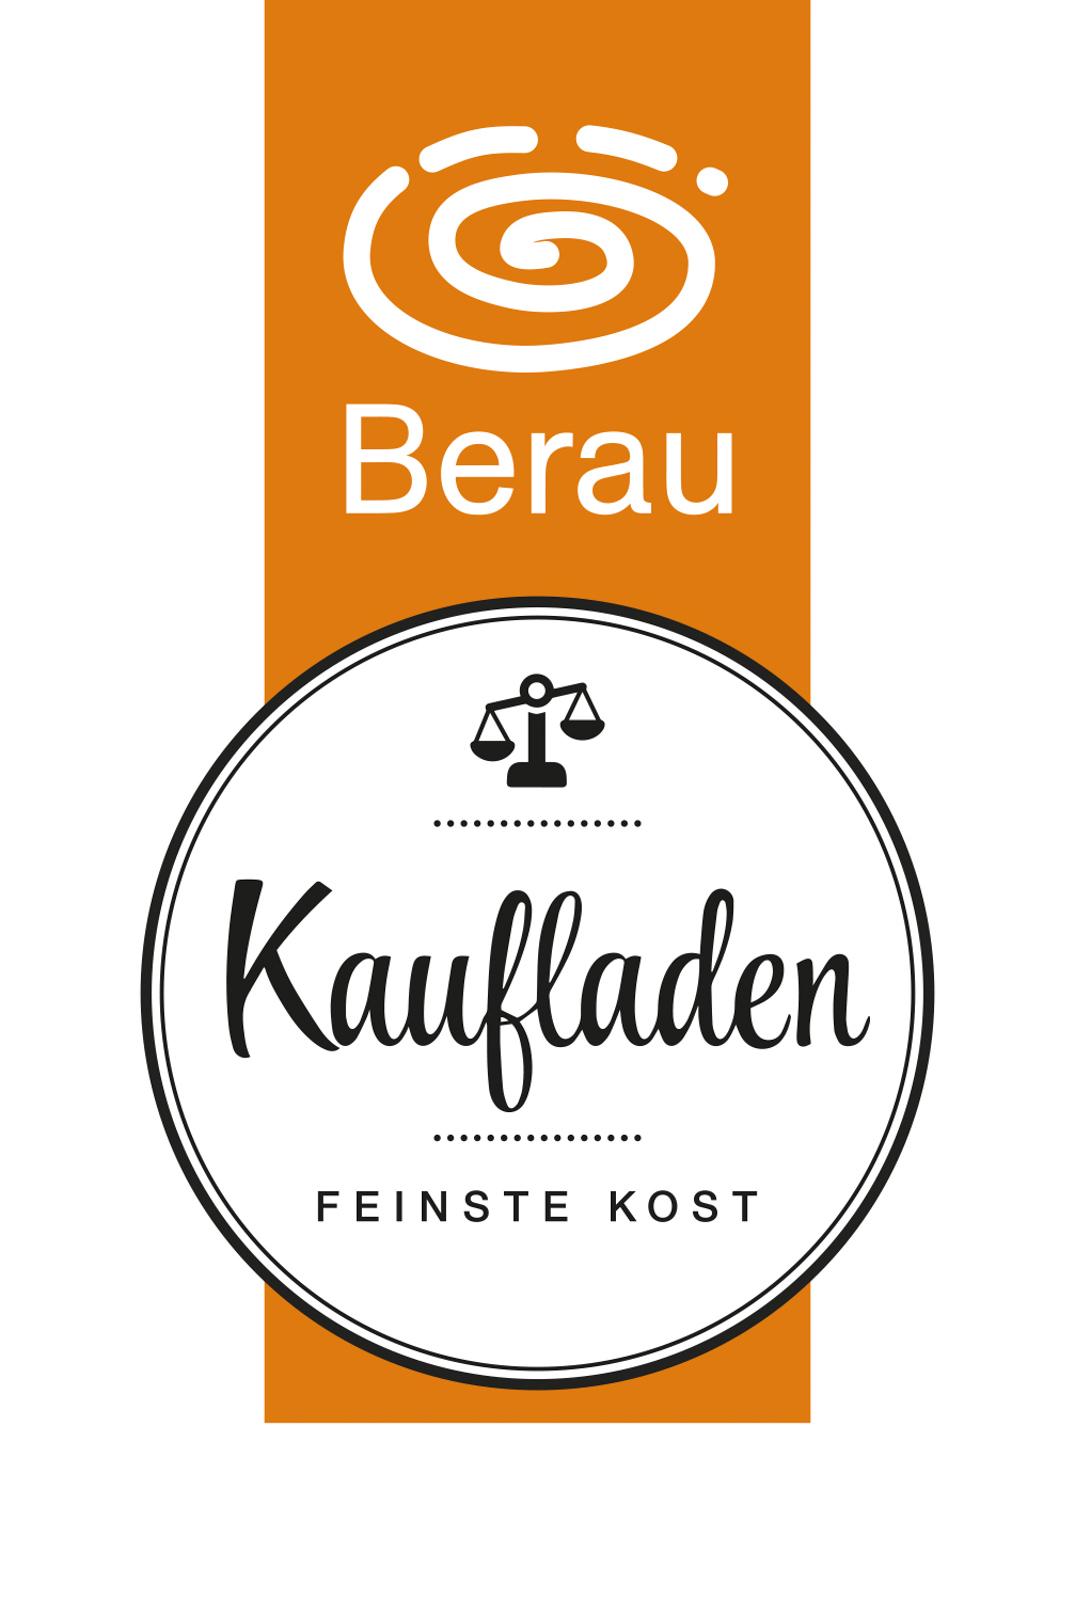 003 Logos Berau 6.jpg